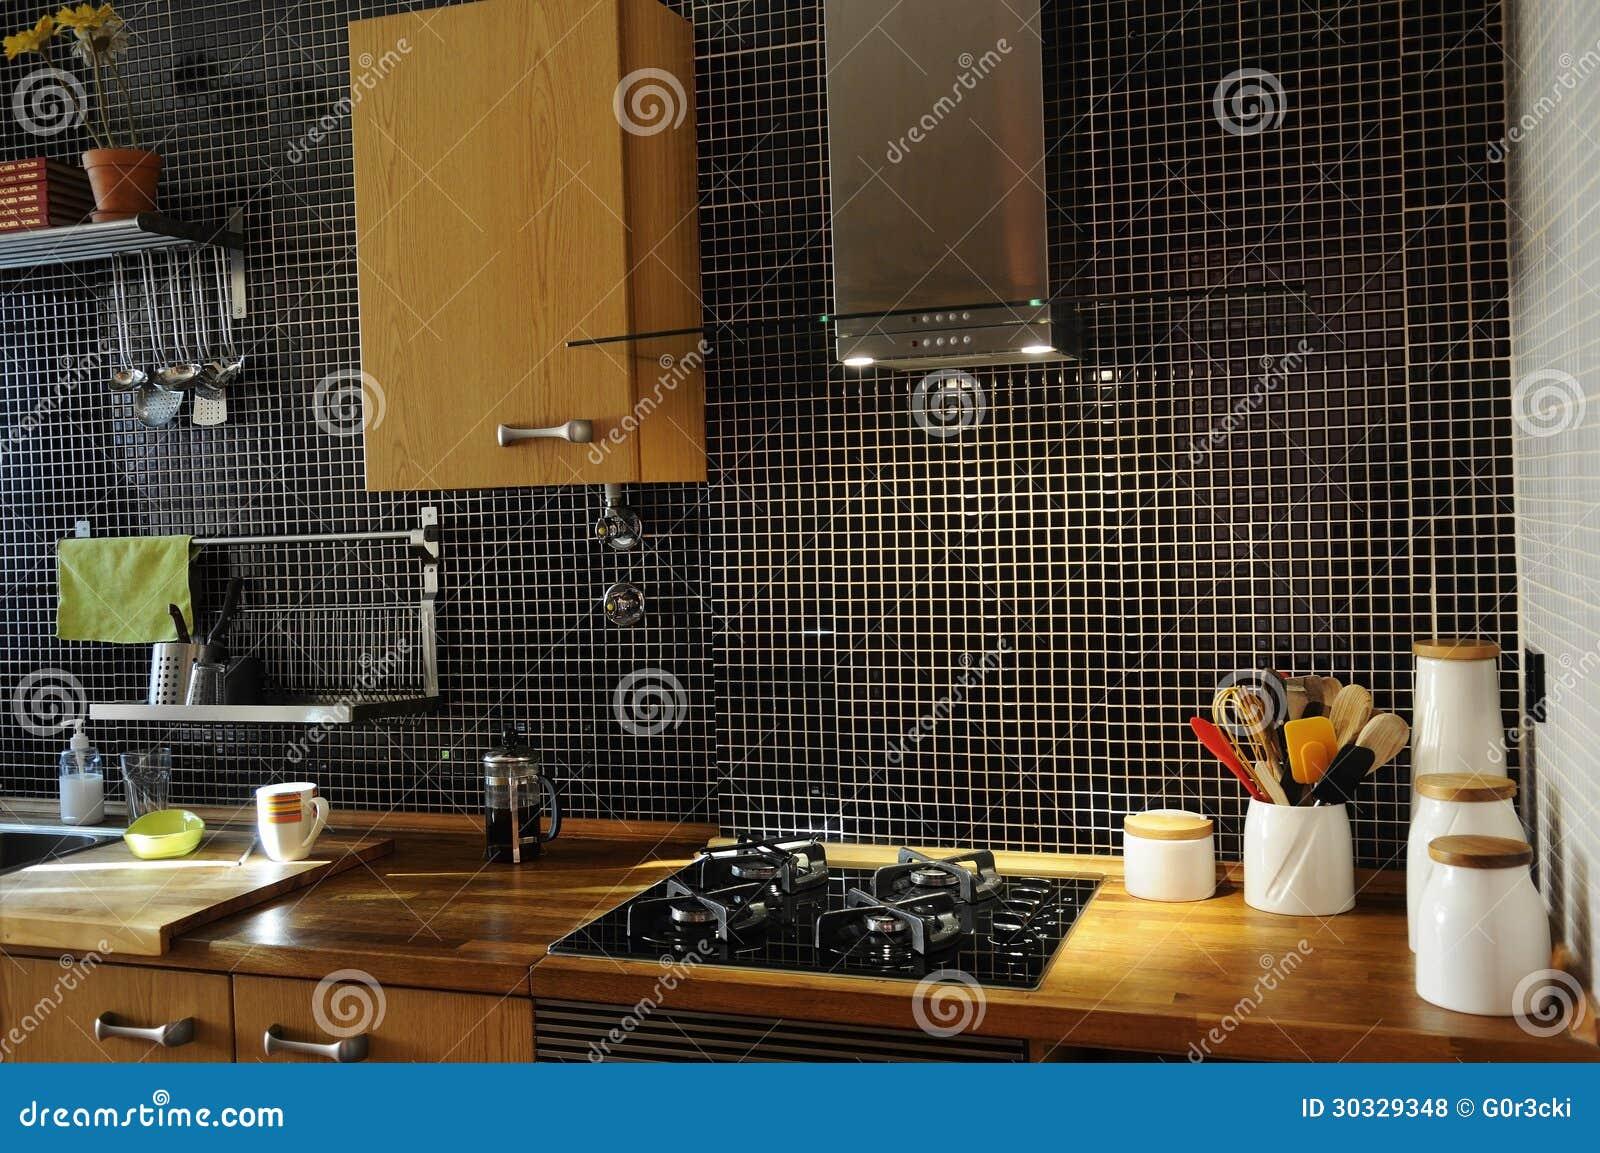 Zwarte Kit Keuken : Rvs tegels keuken keuken achterwand tulmans bokmerk